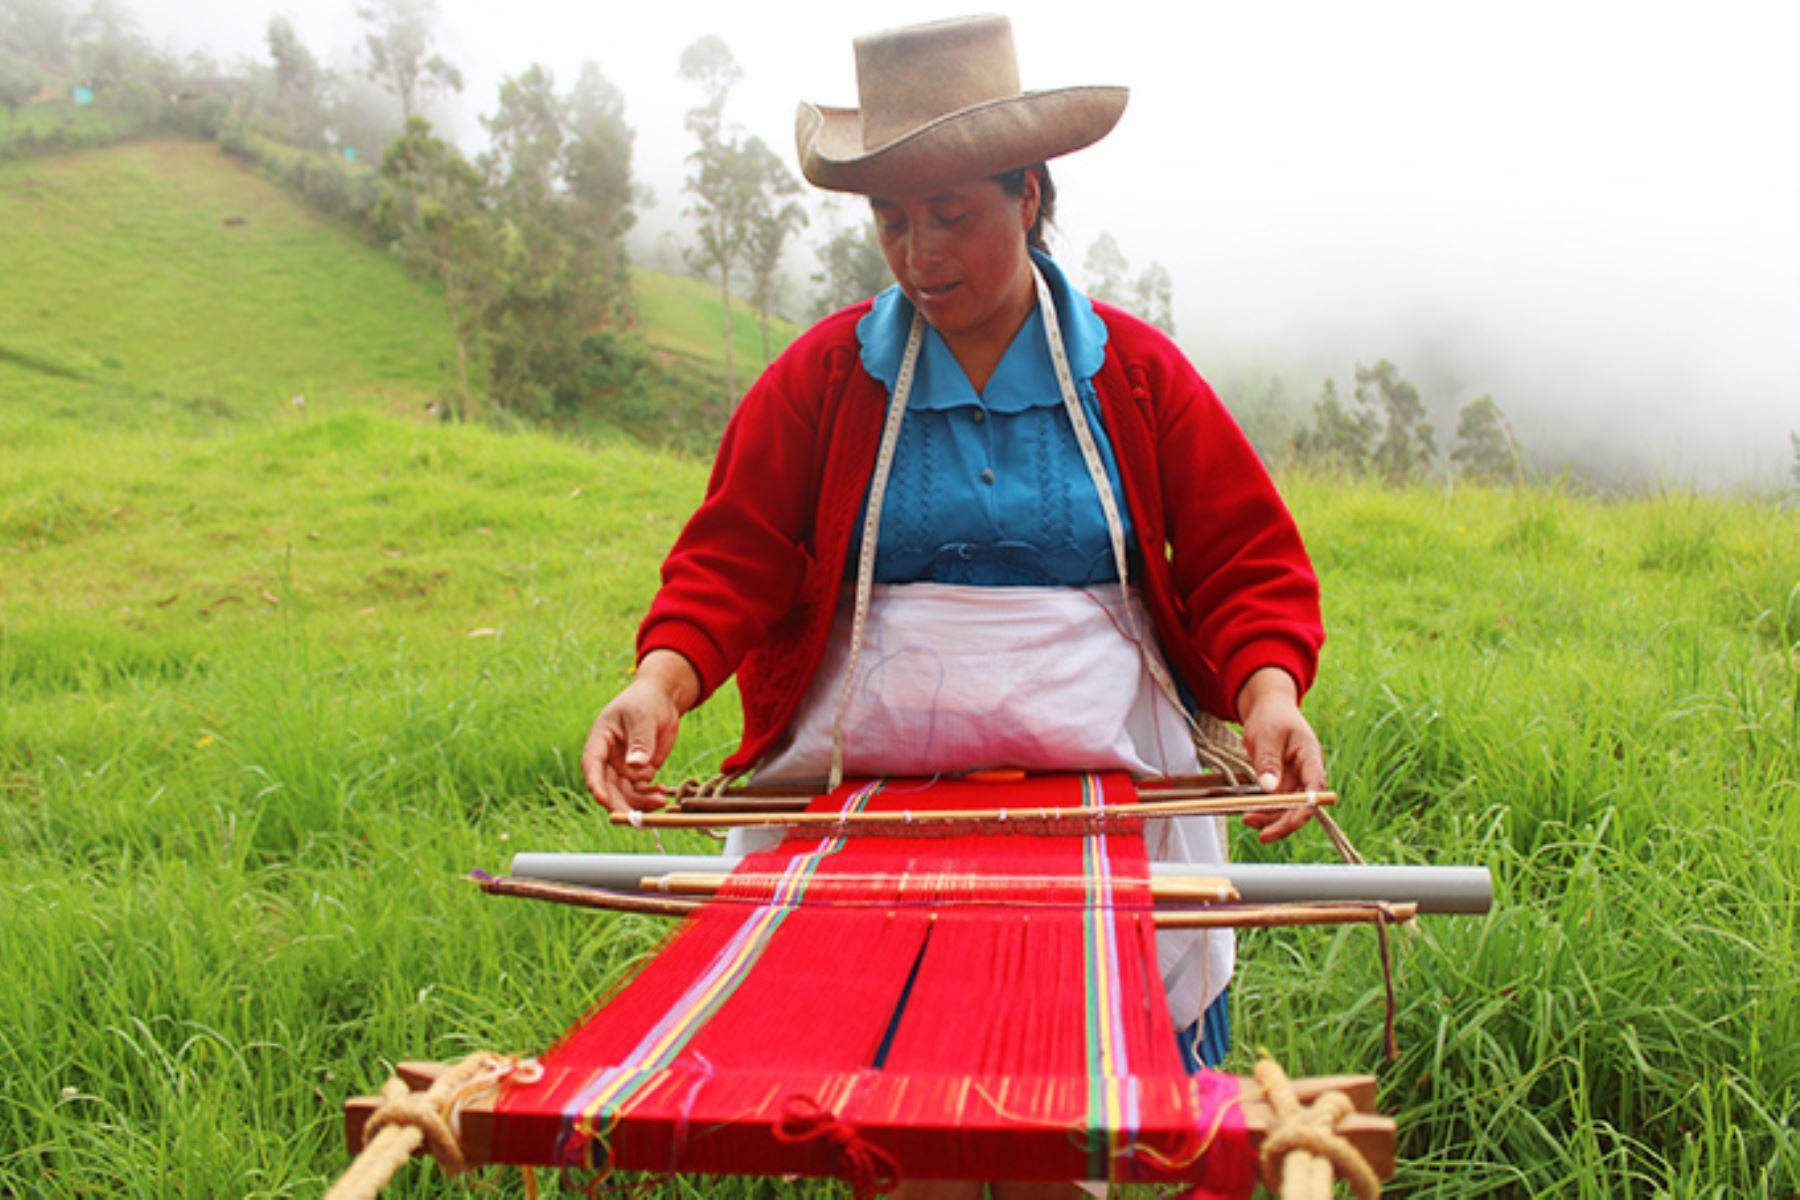 Técnicas y prácticas asociadas a tejidos de San Miguel son declaradas patrimonio - Agencia Andina